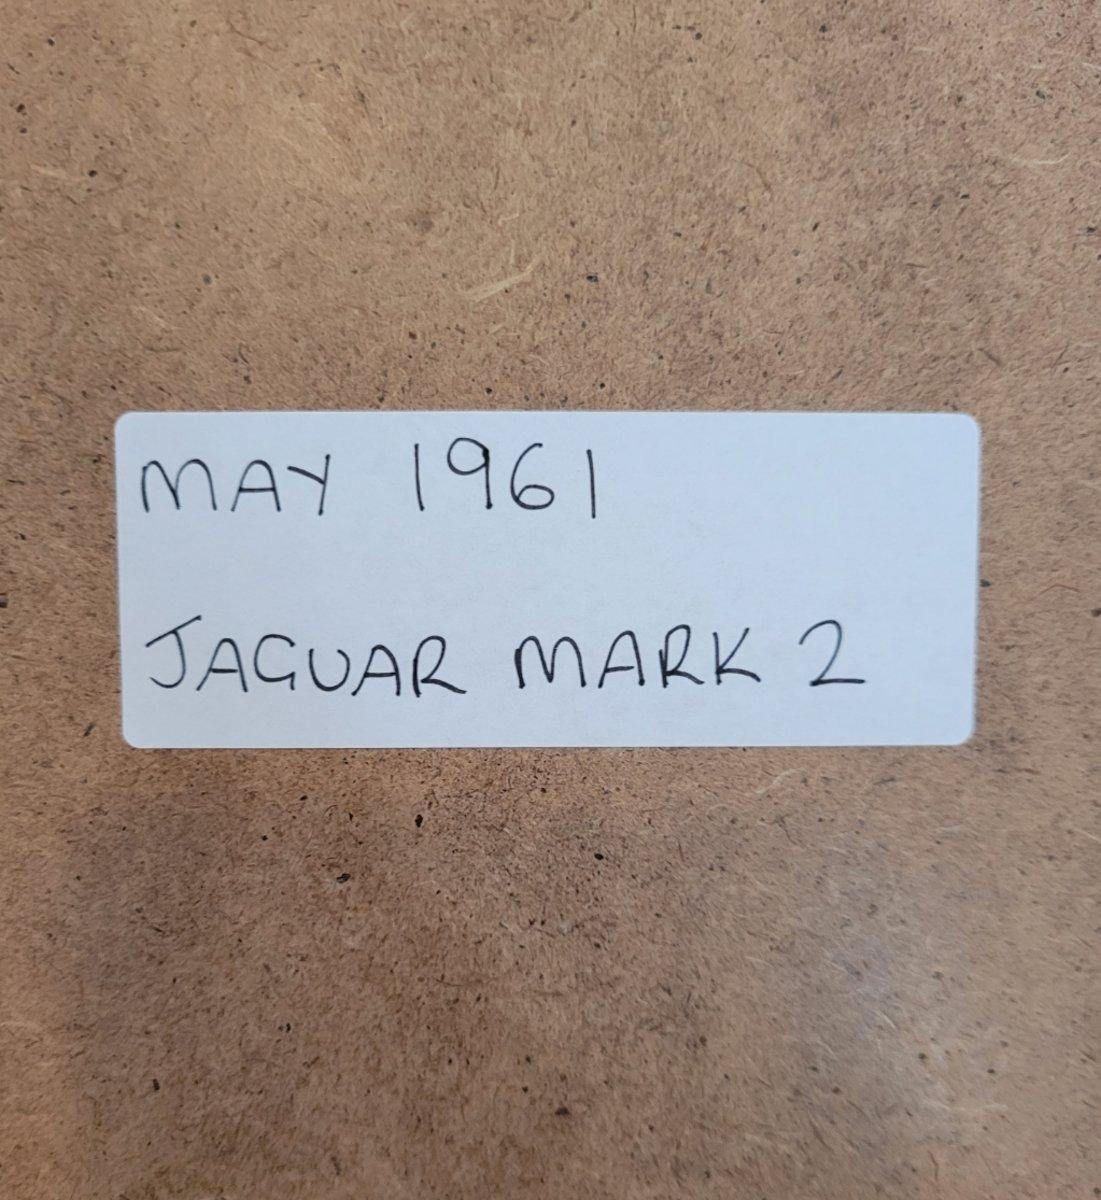 1964 Original 1961 Jaguar Mark 2 Framed Advert For Sale (picture 2 of 3)